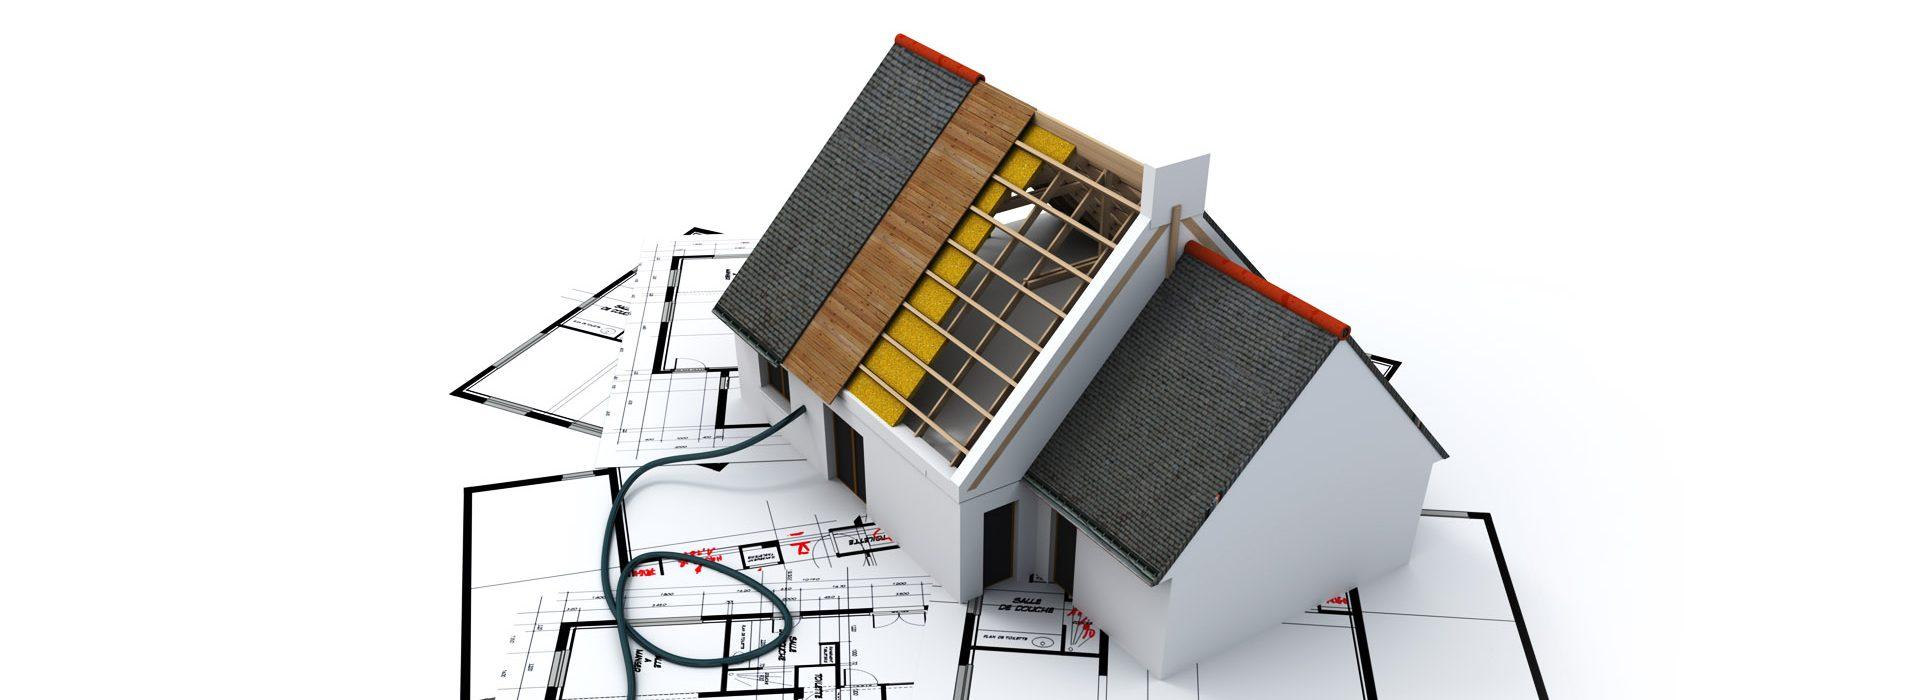 RENOMEX… renoma w kosztorysach budowlanych